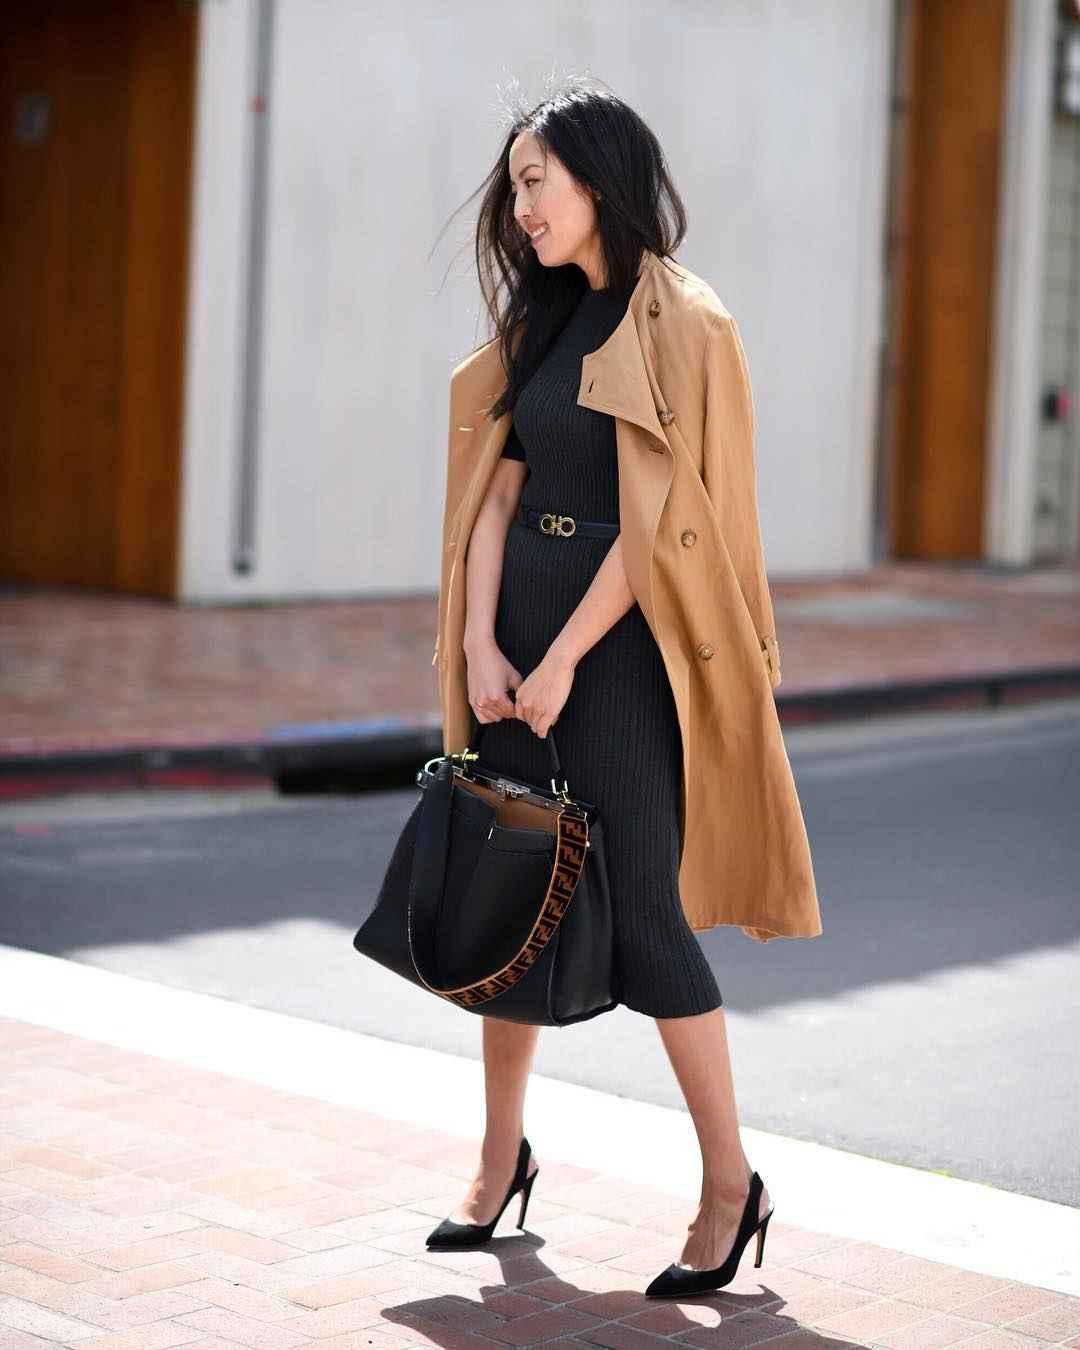 Деловые платья для женщин фото идеи_3